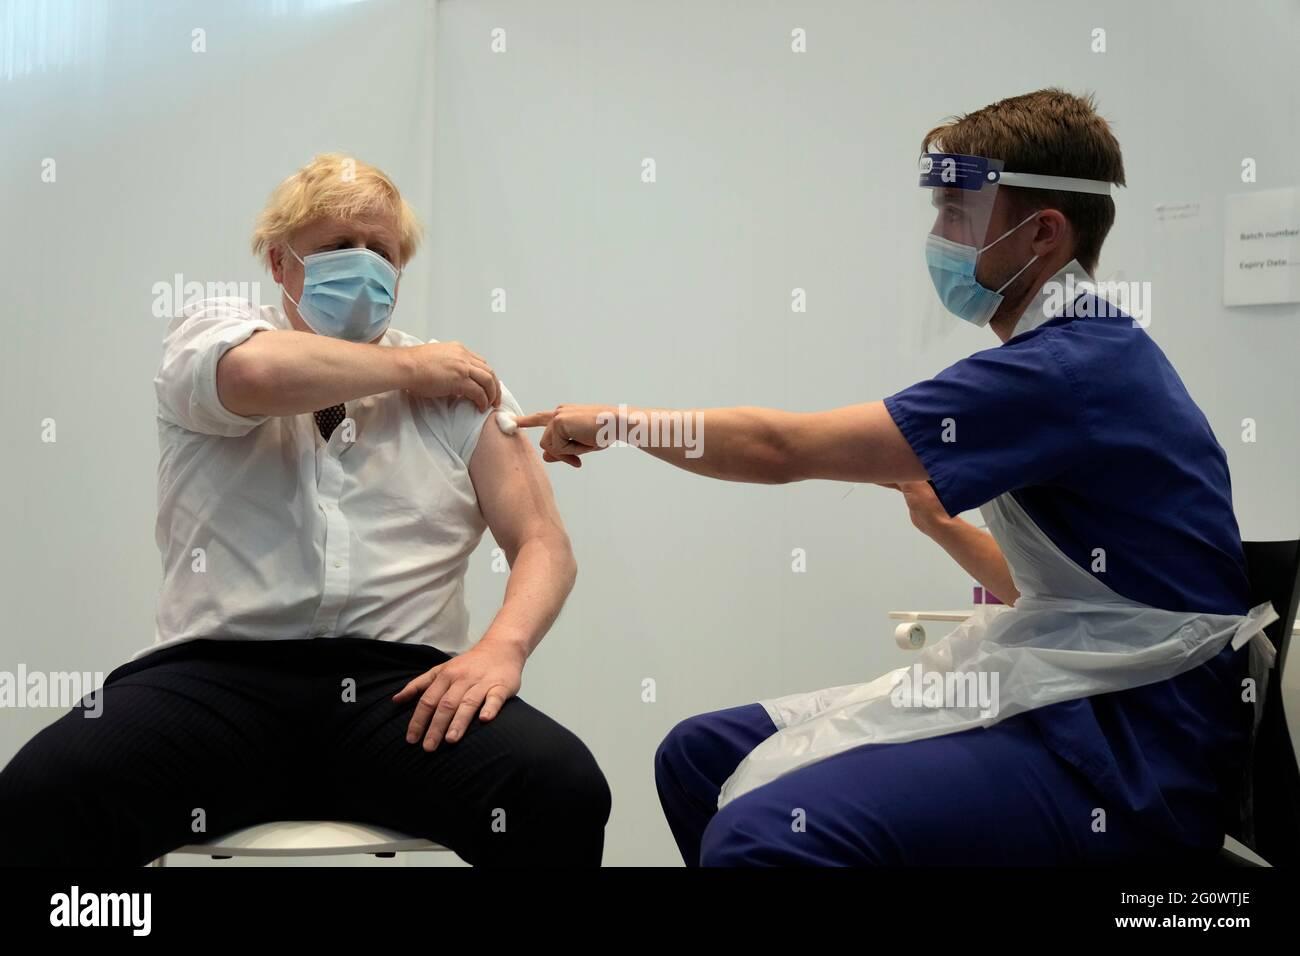 Premierminister Boris Johnson erhält seinen zweiten Jab des Coronavirus-Impfstoffs AstraZeneca von James Black am Francis Crick Institute in London. Bilddatum: Donnerstag, 3. Juni 2021. Stockfoto